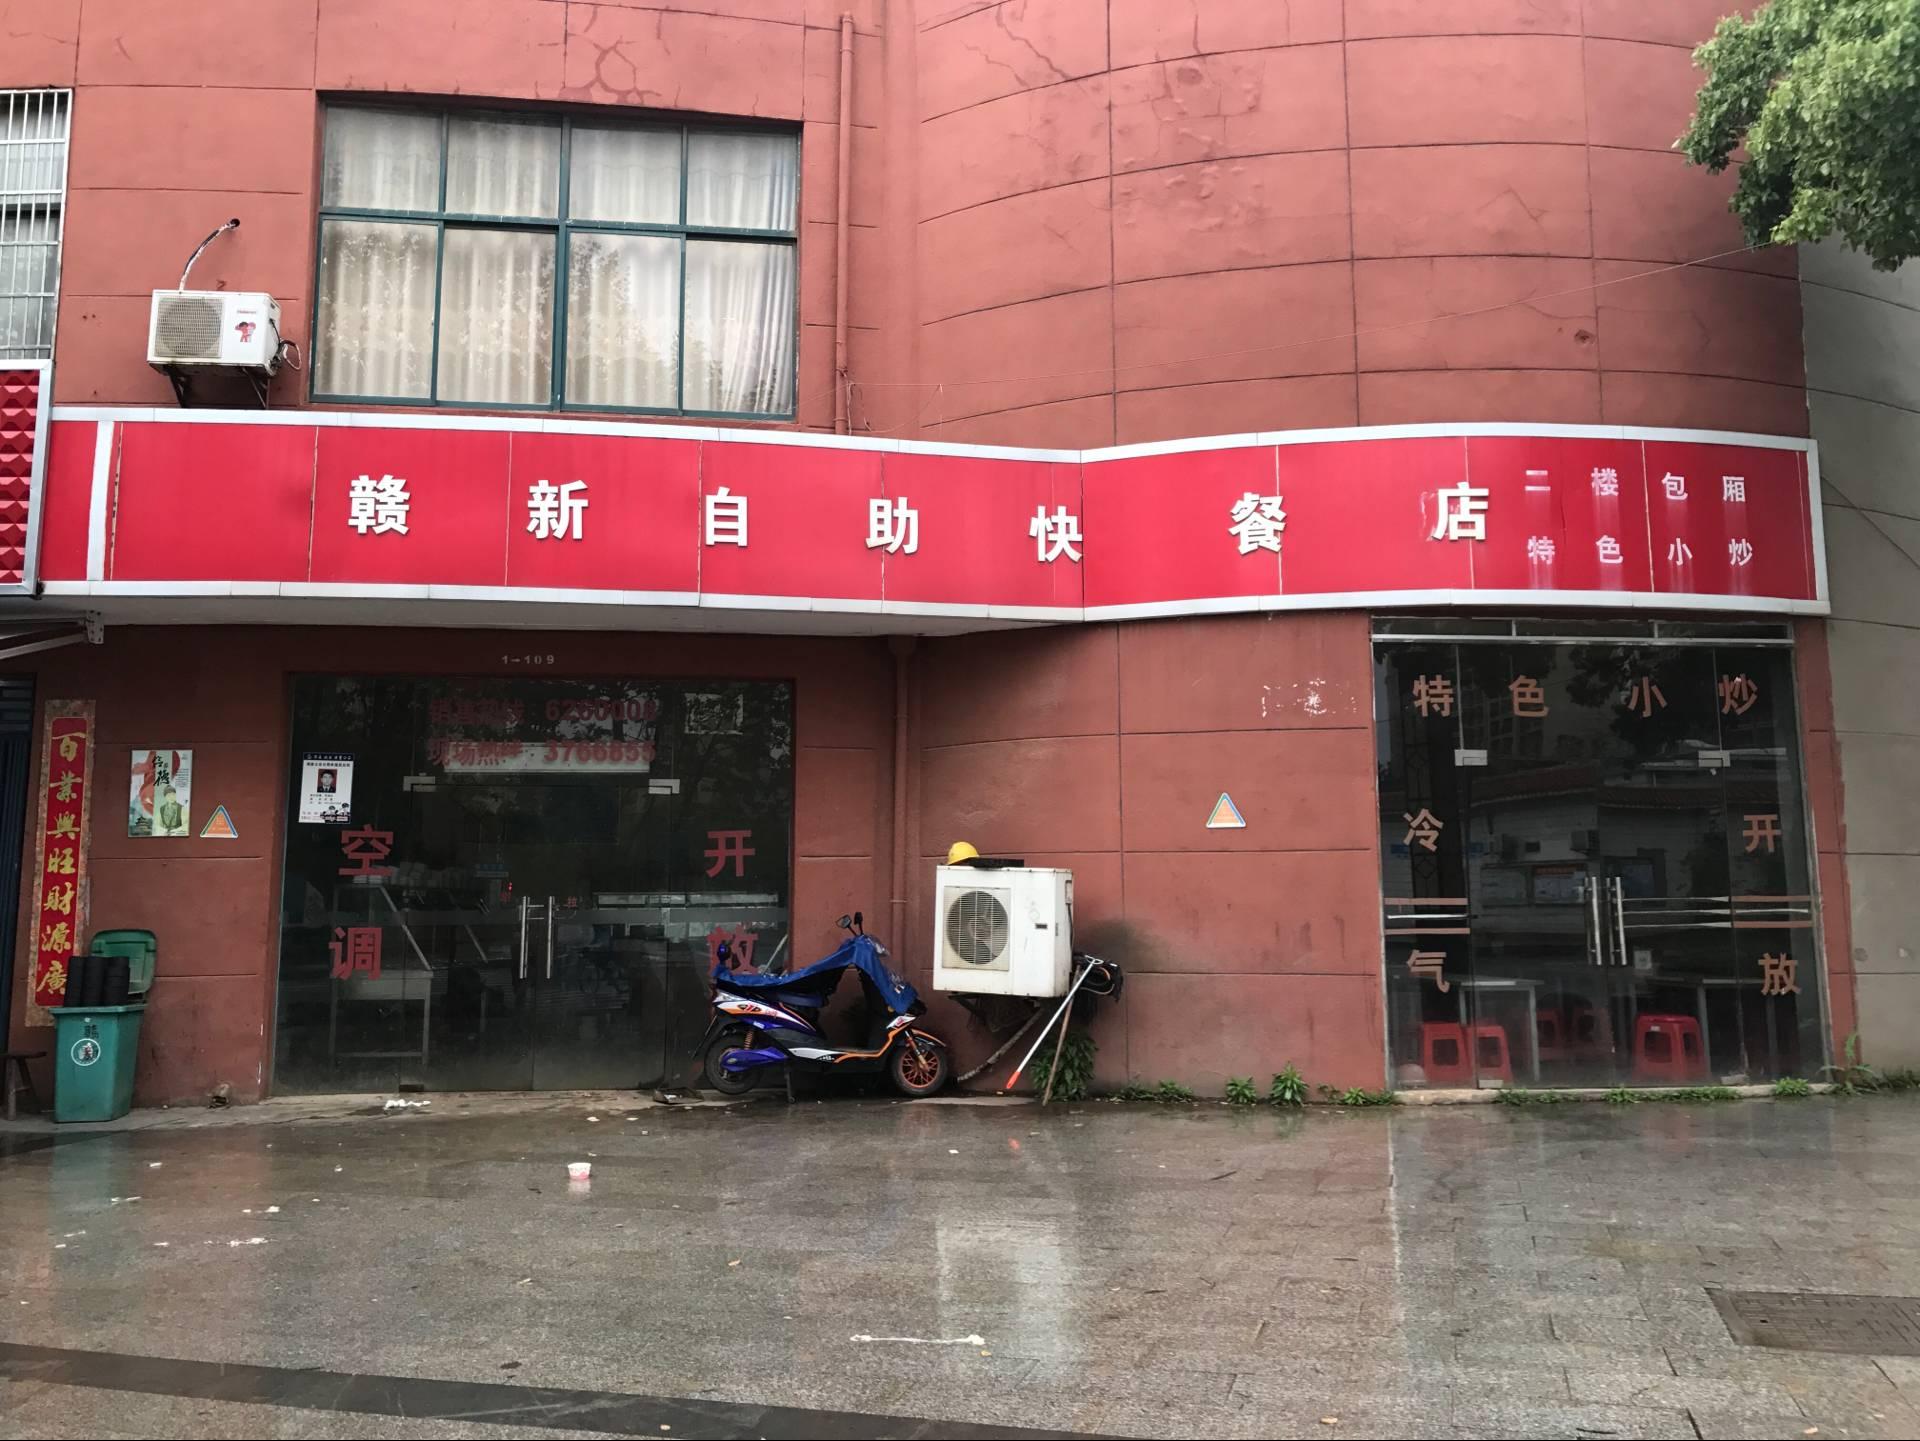 洪恒山庄旺铺招租,位于长春湖景点,湾里一中附近